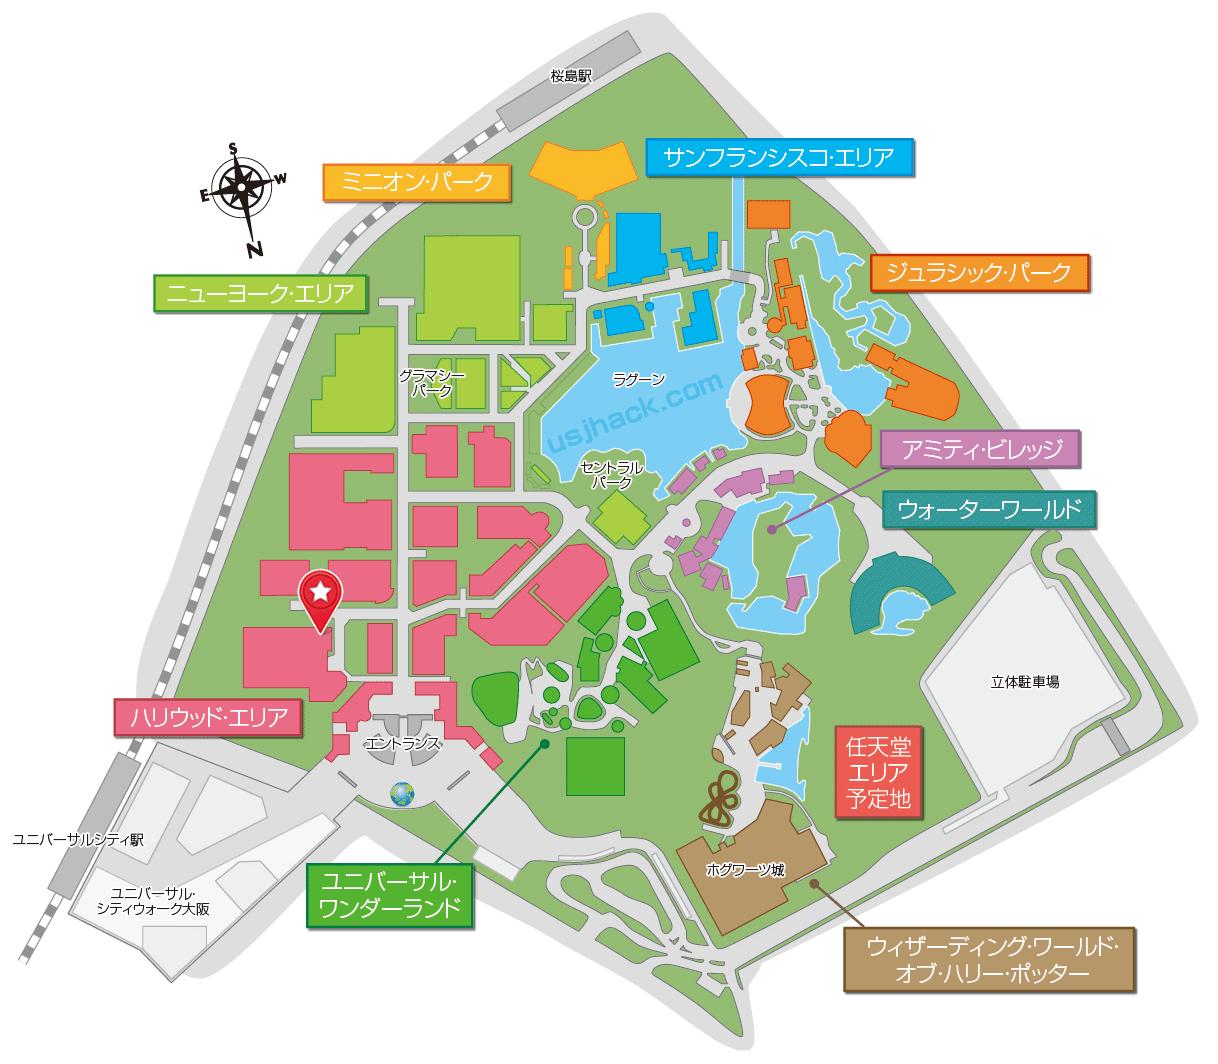 マップで確認するコナンミステリーチャレンジの開催場所